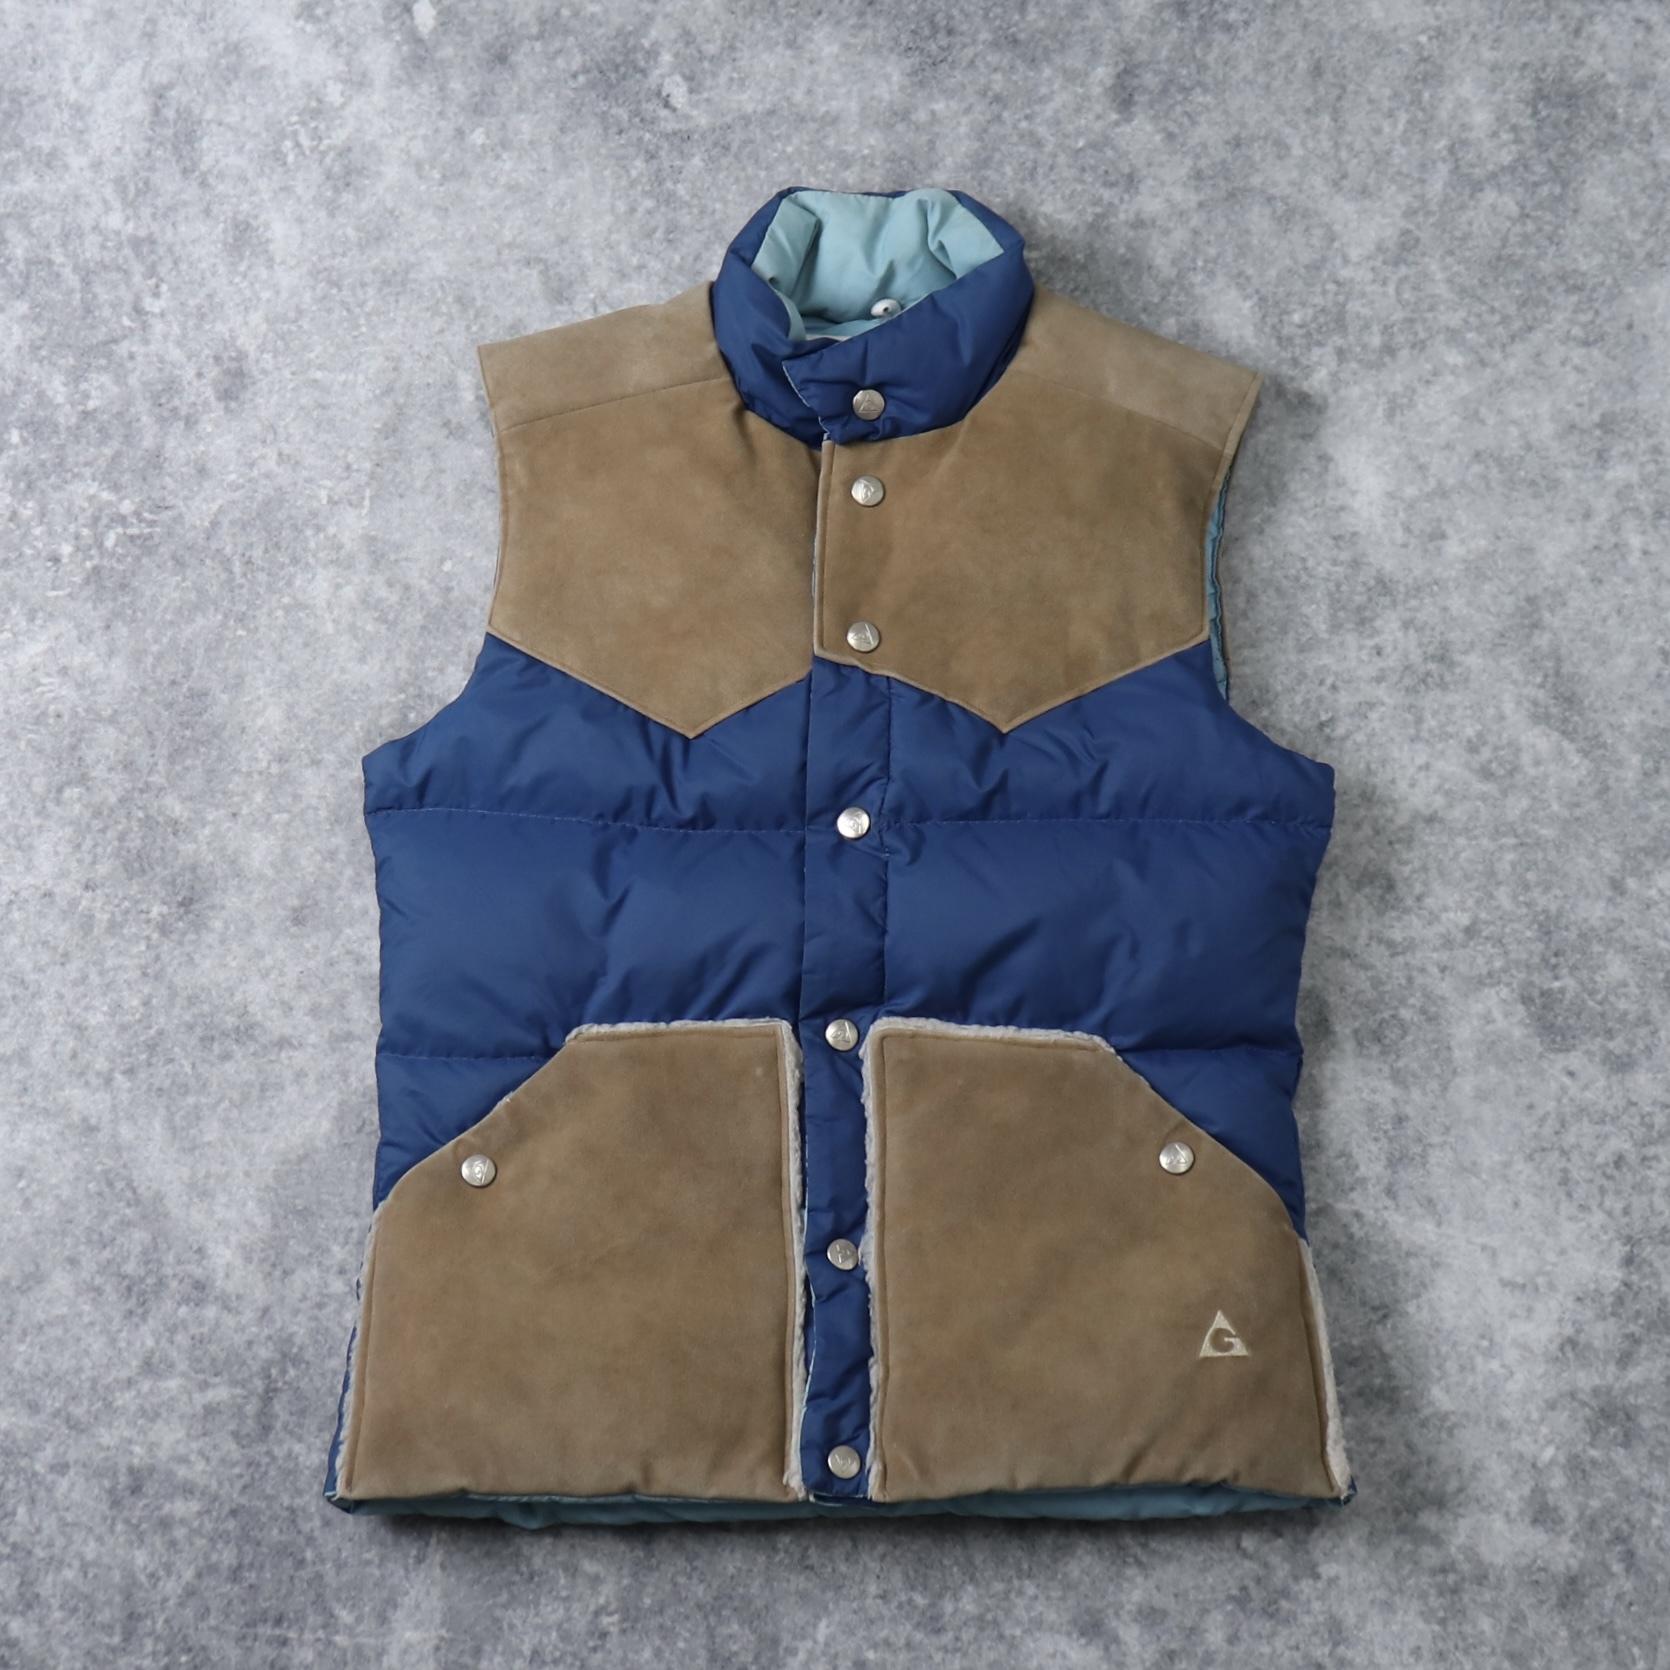 80's GERRY Down vest 80年代 ジェリー ダウンベスト ウエスタンヨーク アウトドア アルパイン スエード切り替え スウェード Made in U.S.A. 古着 A567